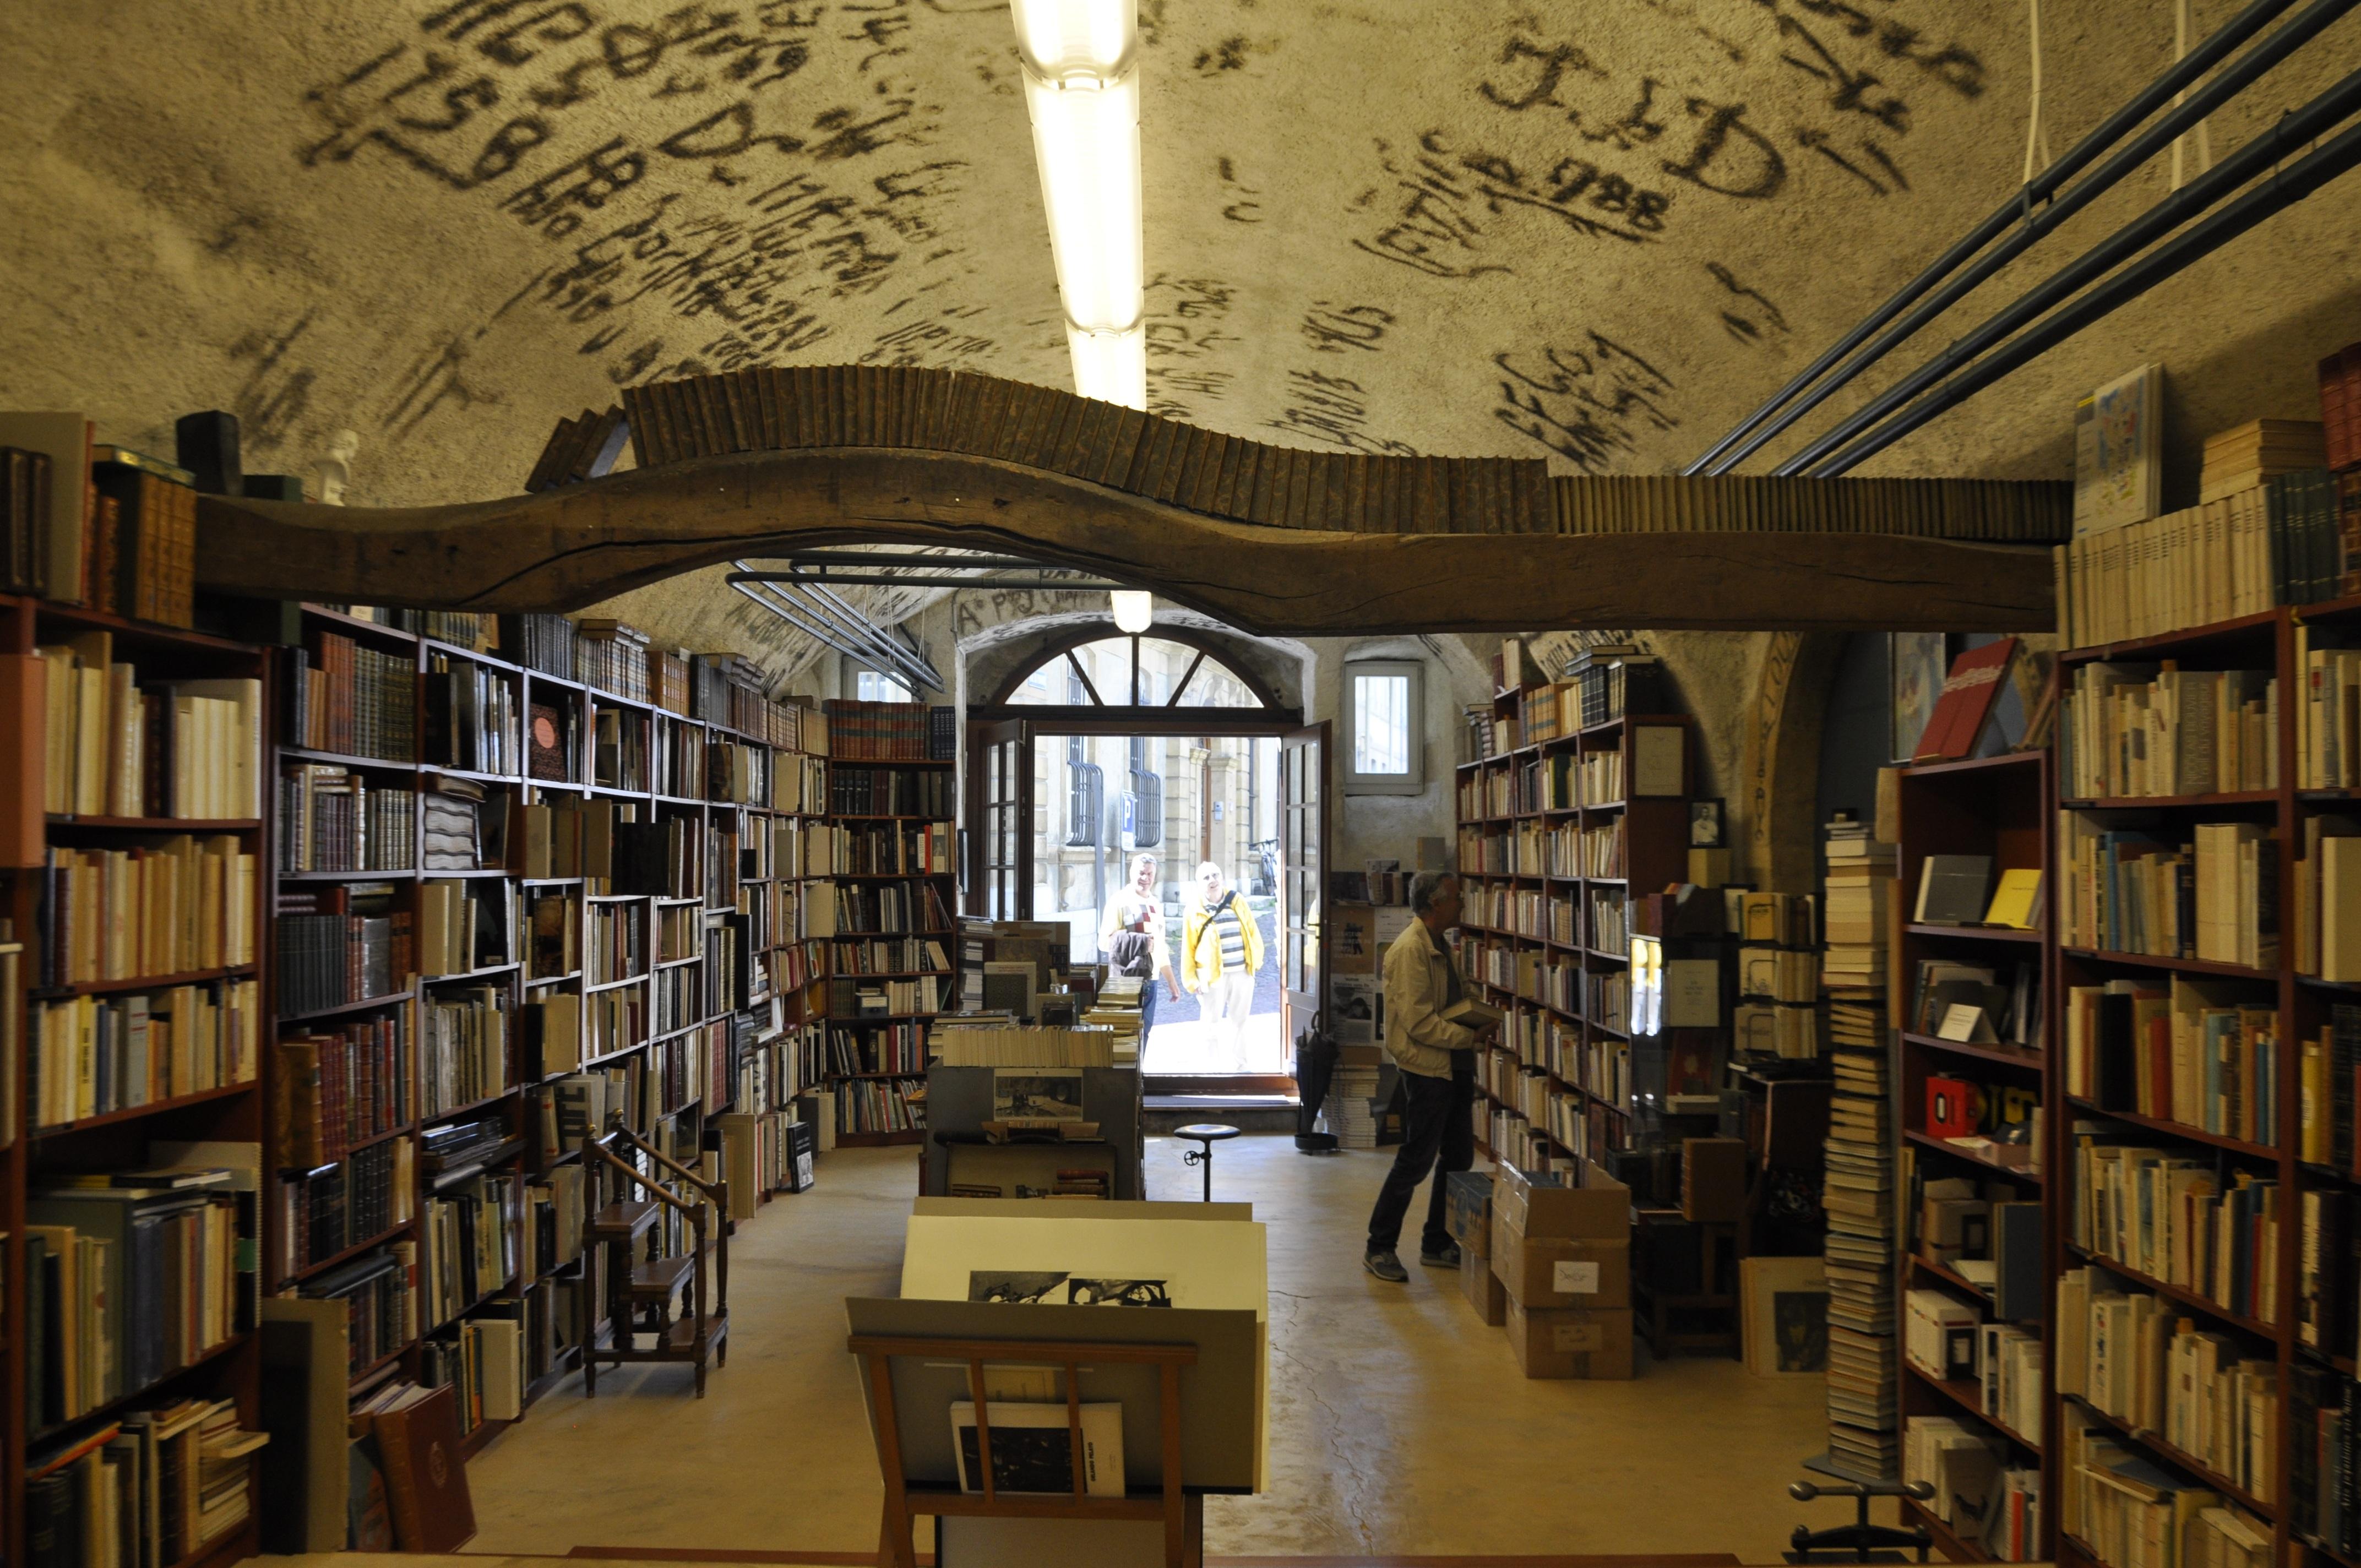 Innenarchitektur Bücher kostenlose foto buch gebäude alt lesen innenarchitektur